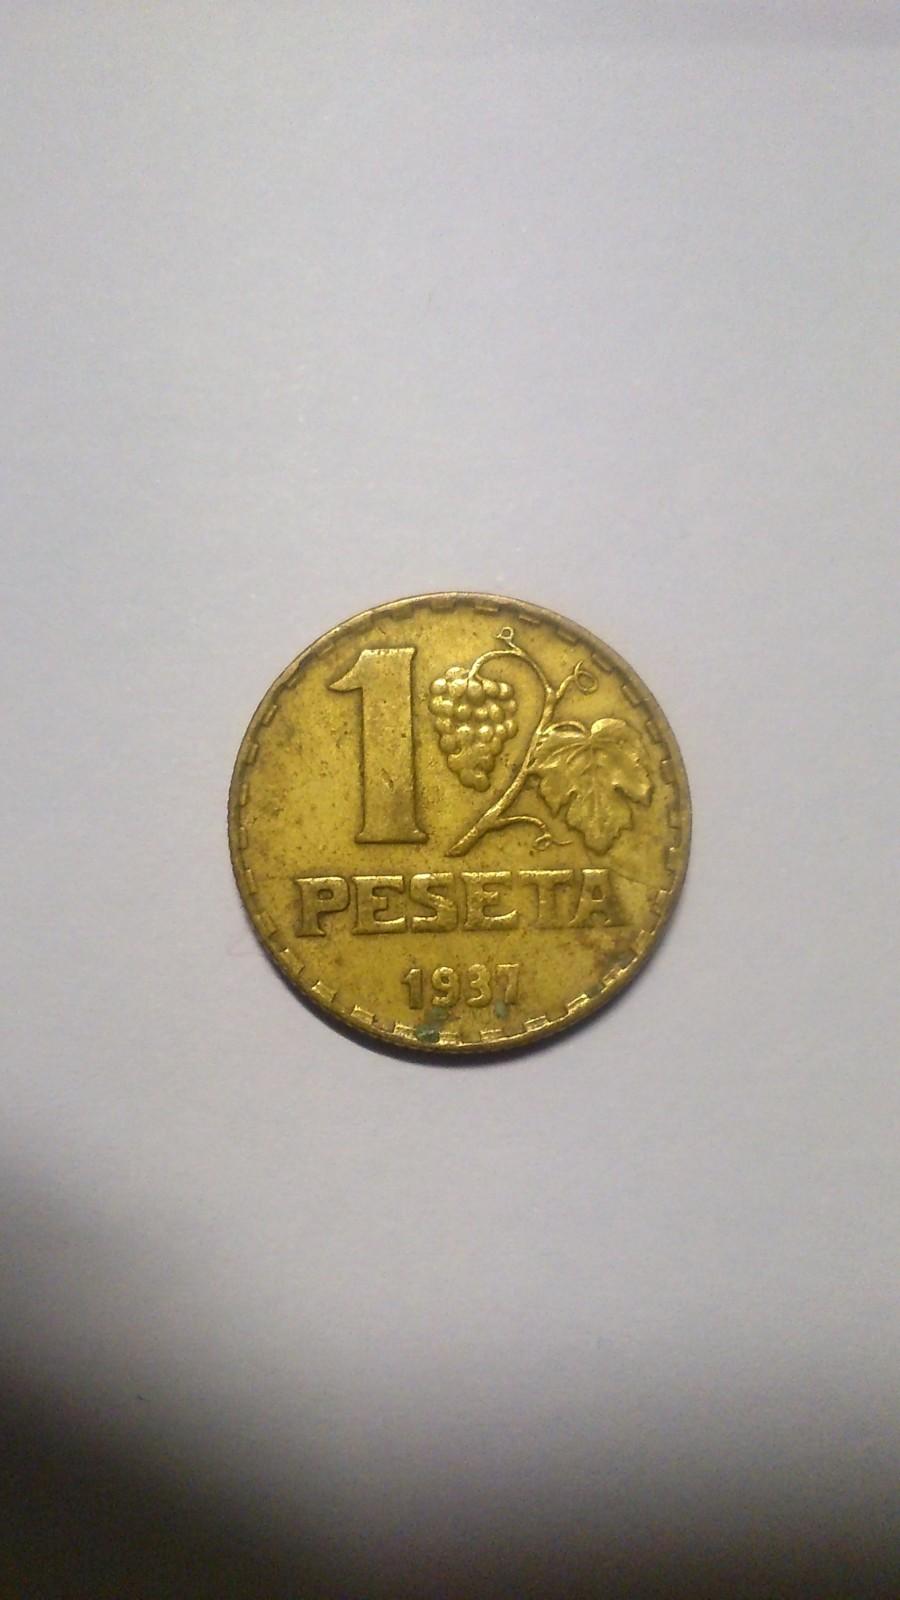 Limpieza de moneda de 1pta. de 1937 (II Rep. Española) B835ev